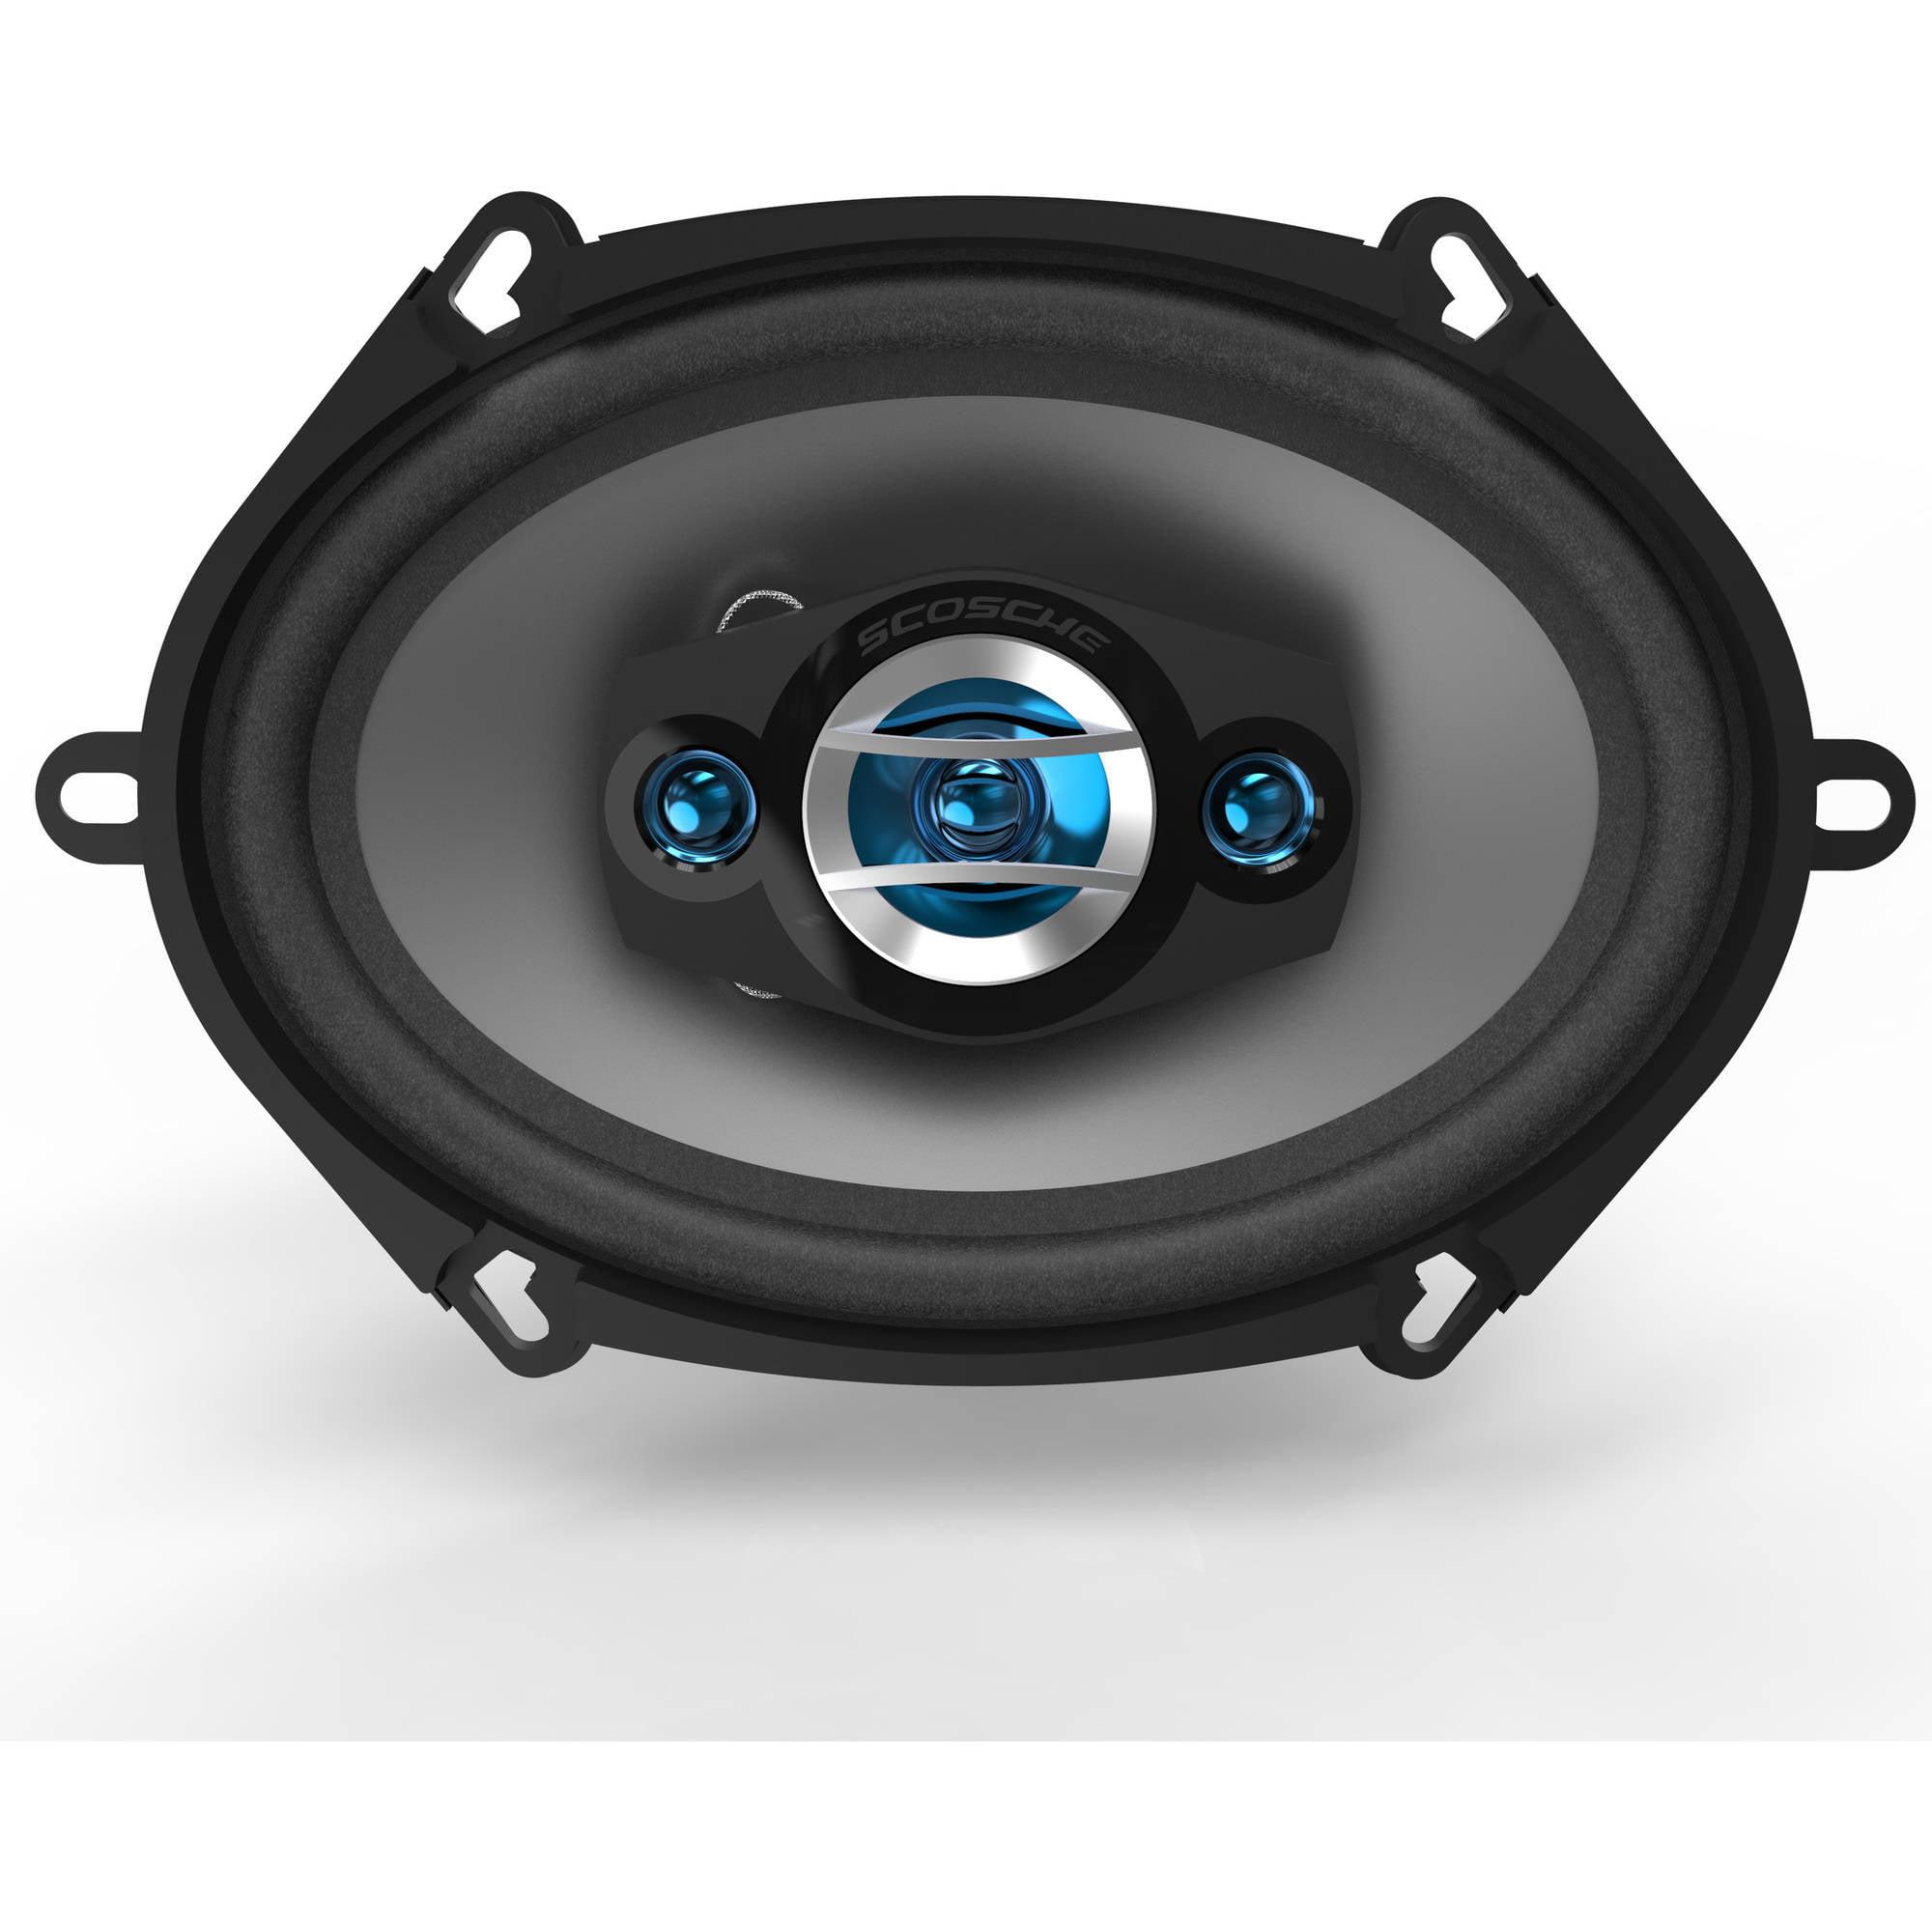 Scosche 5x7/6x8 4-Way Speaker Set